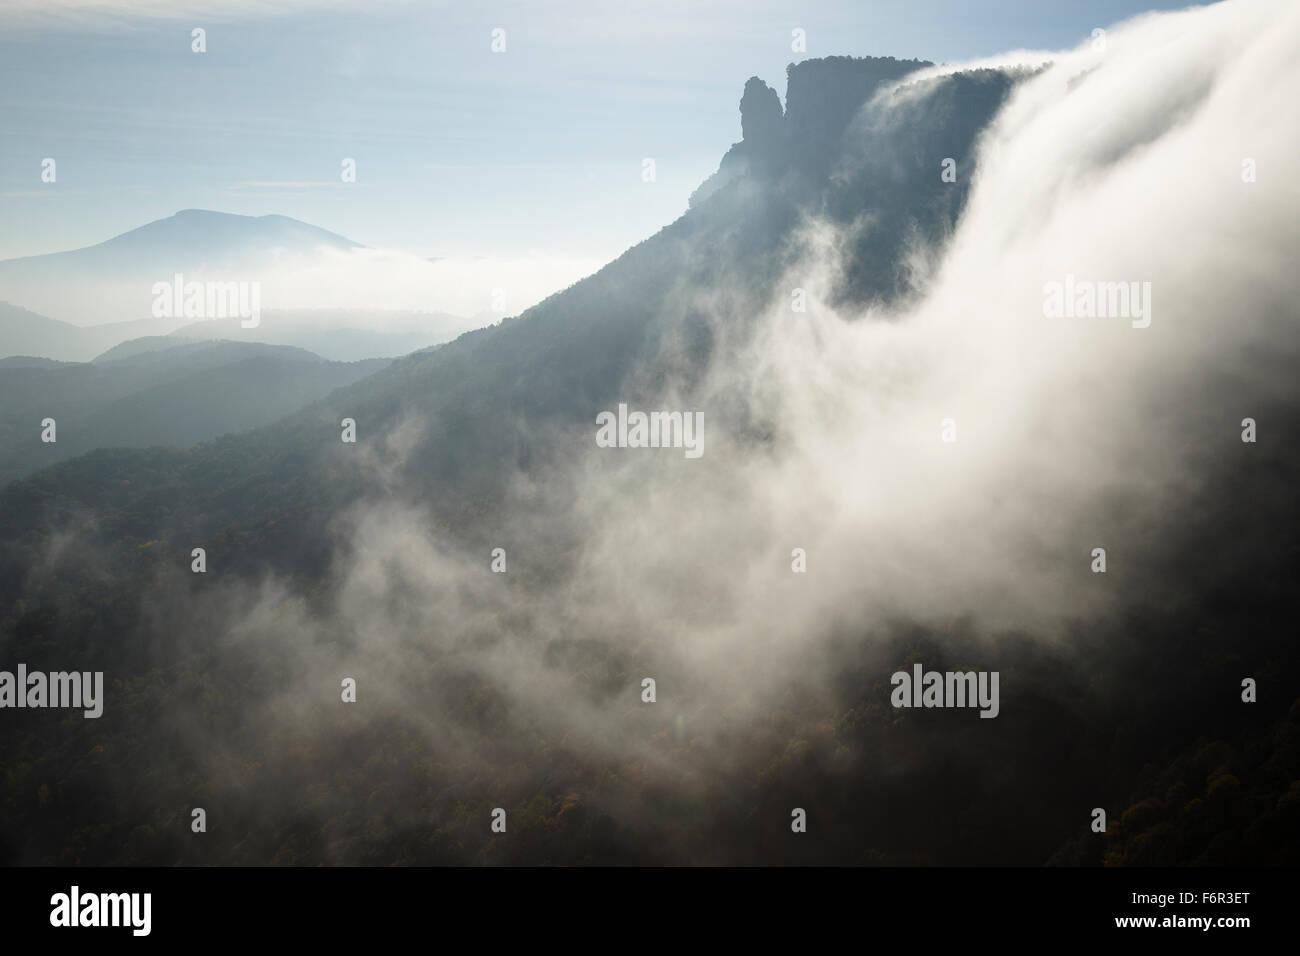 Nebbia. Il sale di Sallent cascata. Rupit. Regione di Osona. Barcellona. Cataluña. Spagna. Europa Immagini Stock